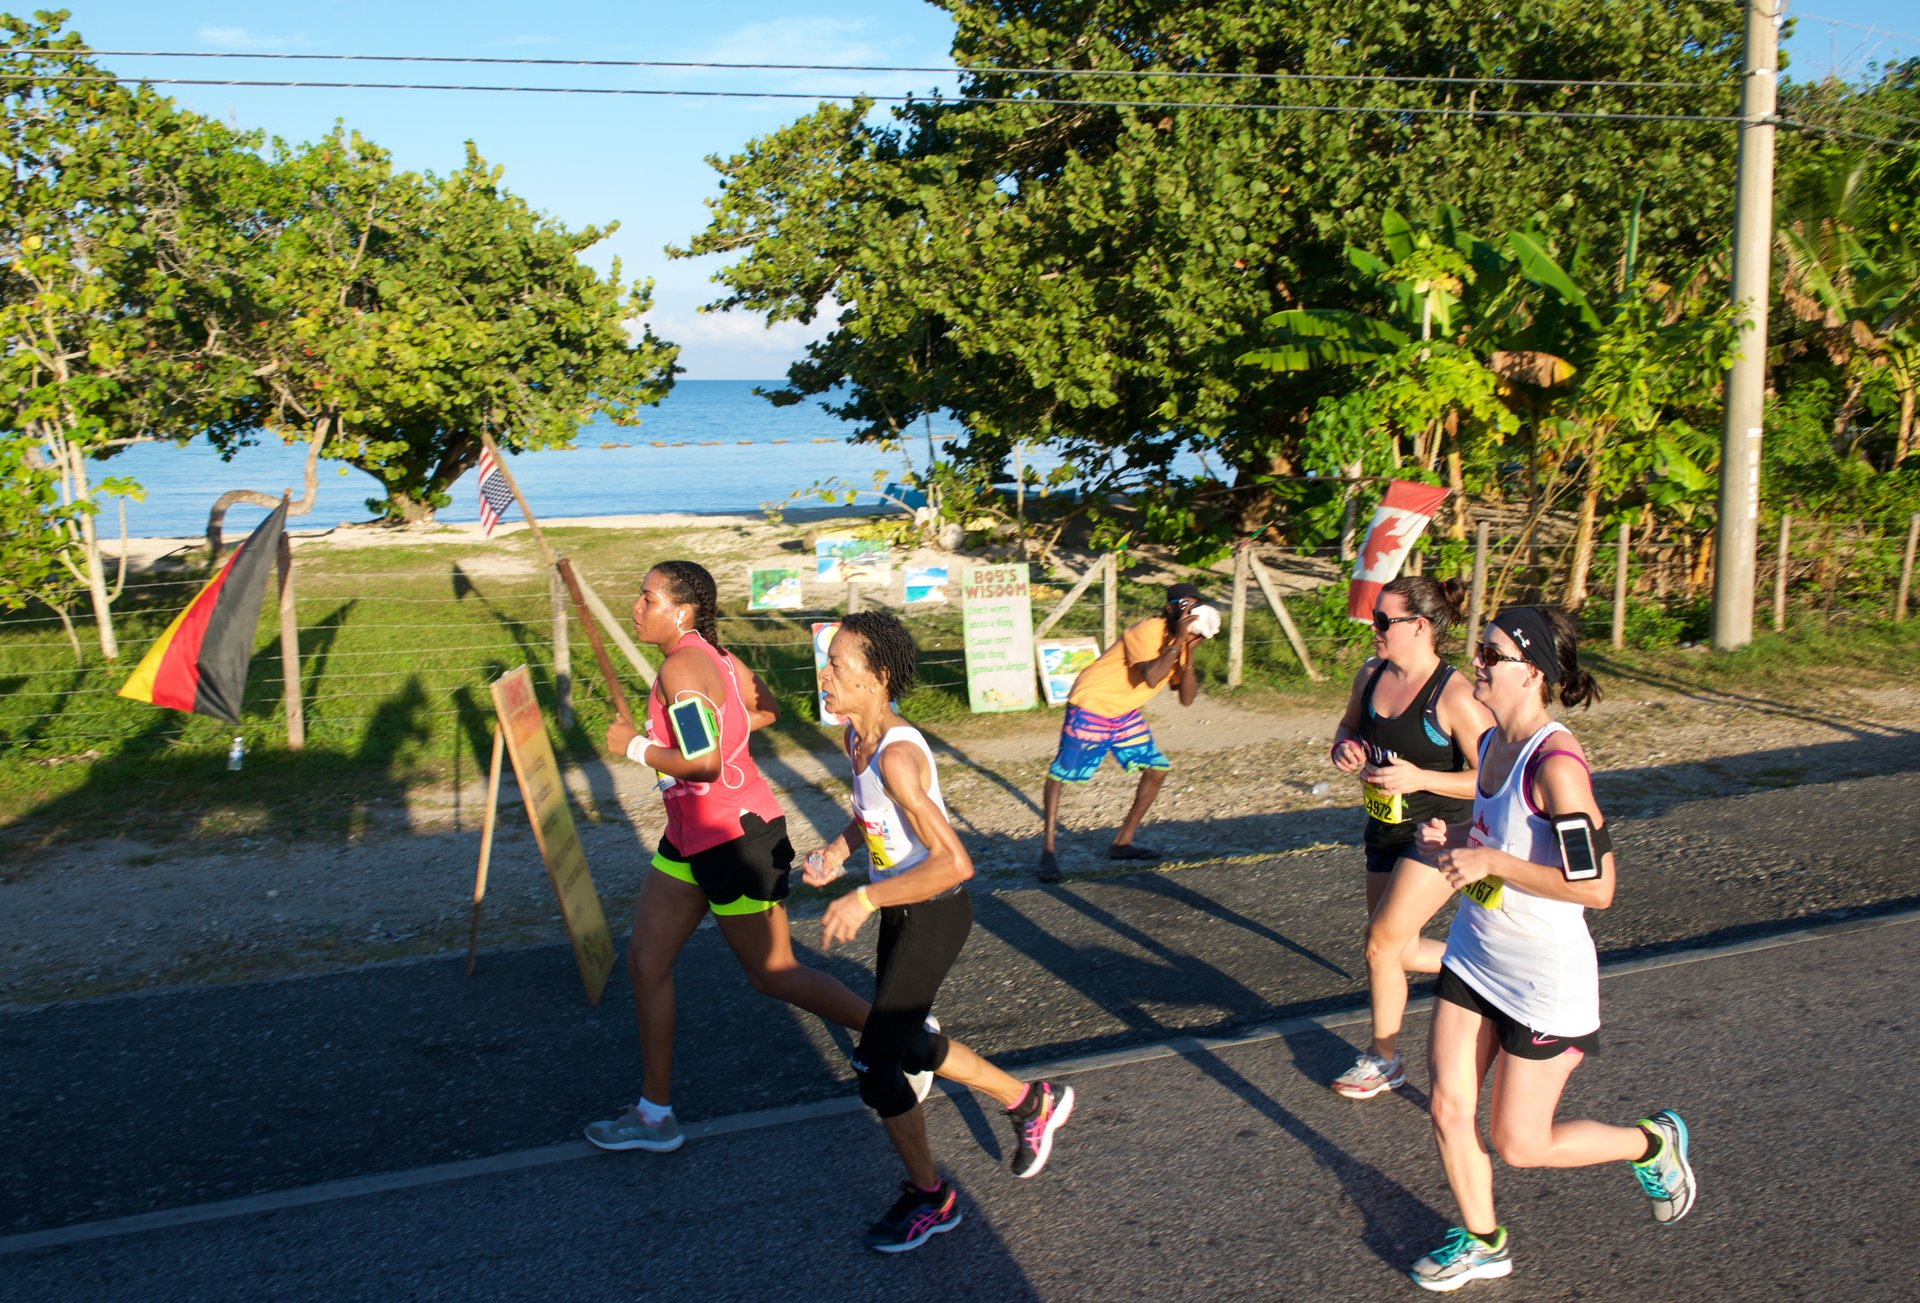 Reggae Marathon in Negril in Jamaica 2020 - Best Time